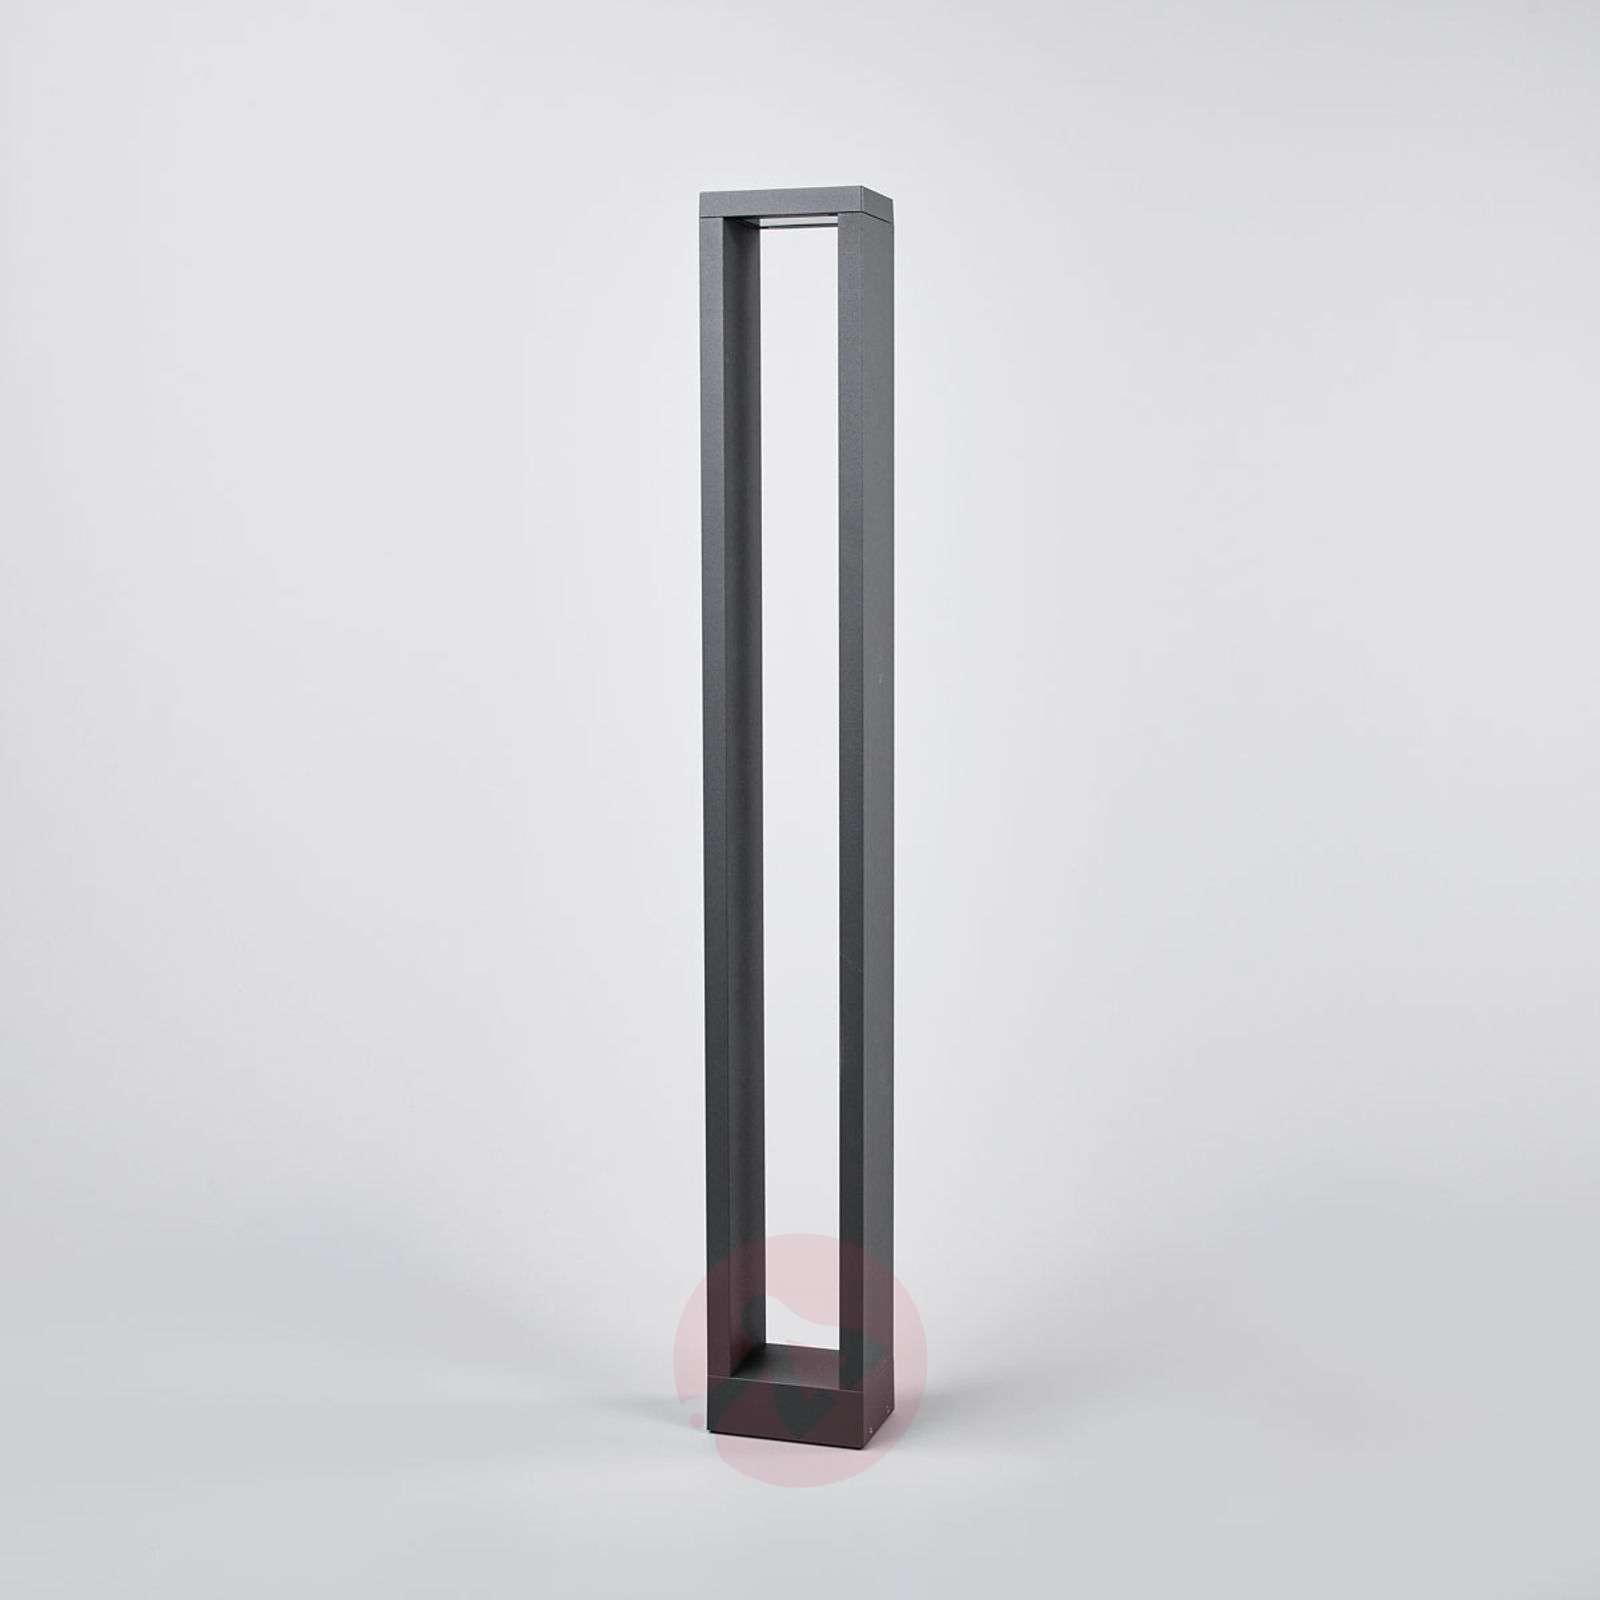 Kulmikas LED-pylväsvalaisin Jupp, 90 cm-9616121-02